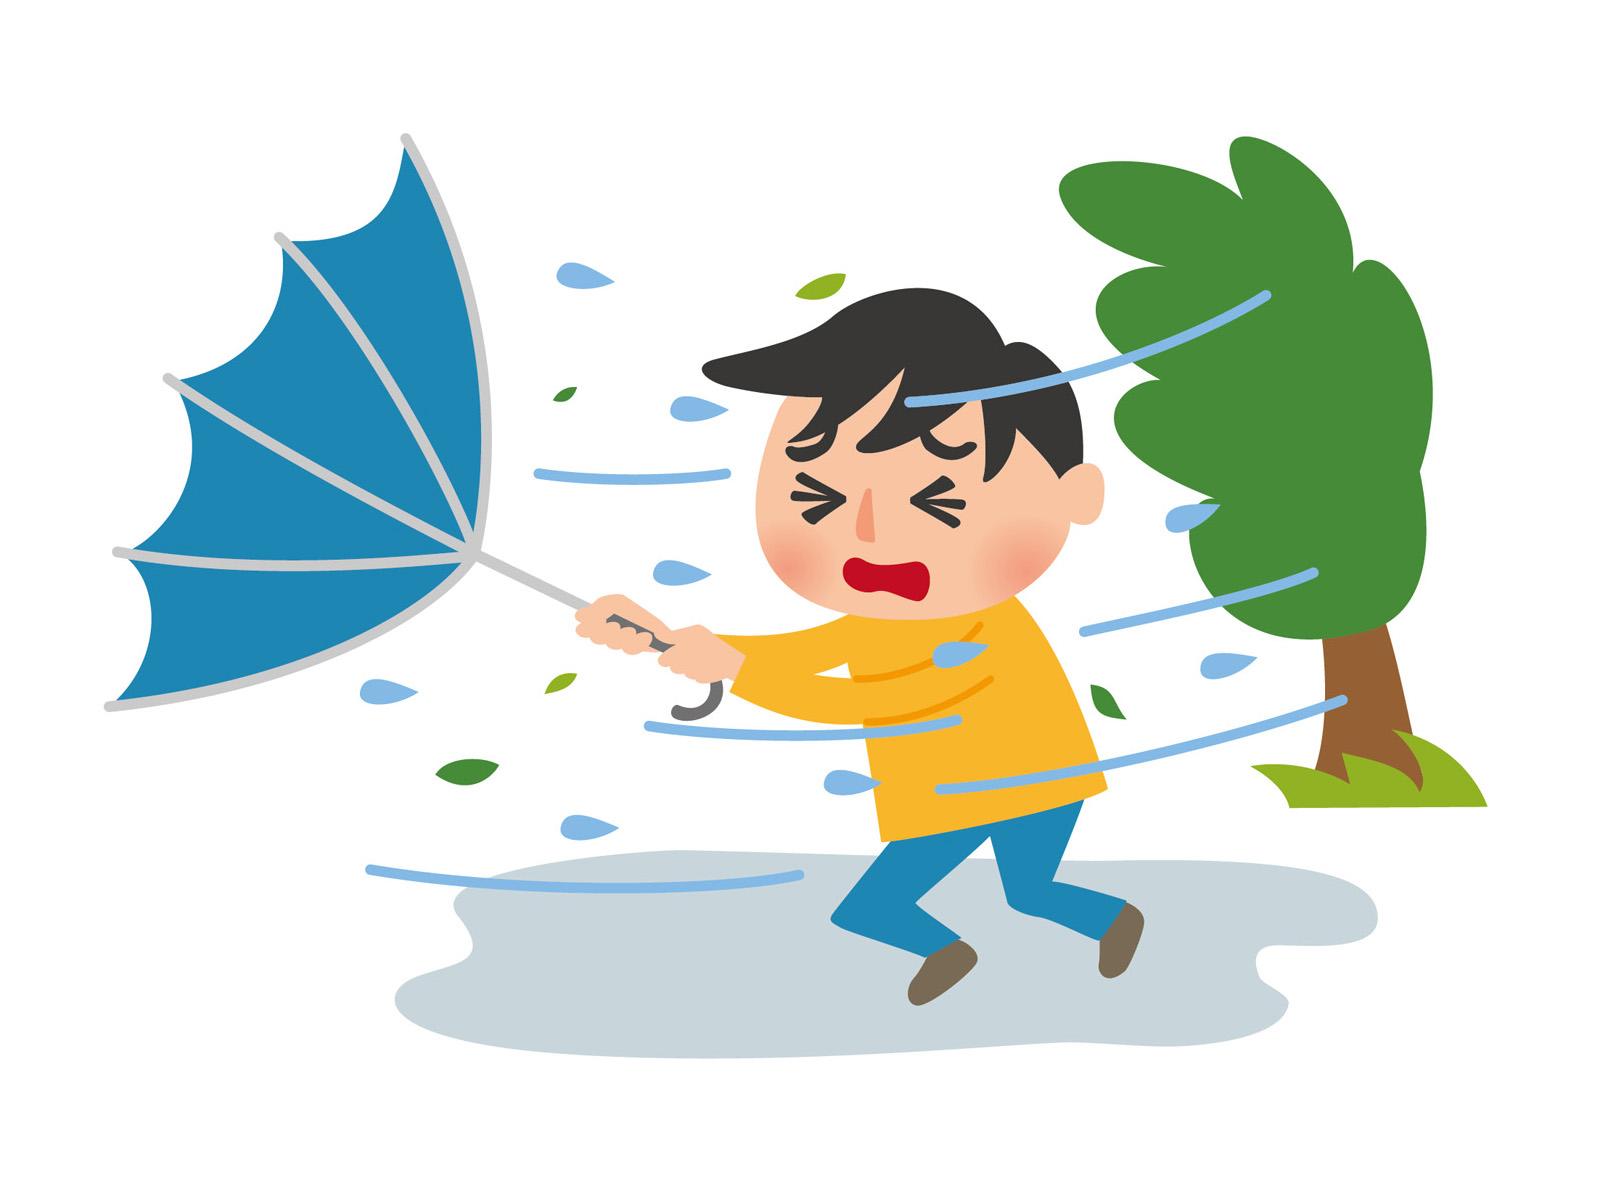 テニスの風対策 風を利用して試合に勝つ!練習法と実践方法